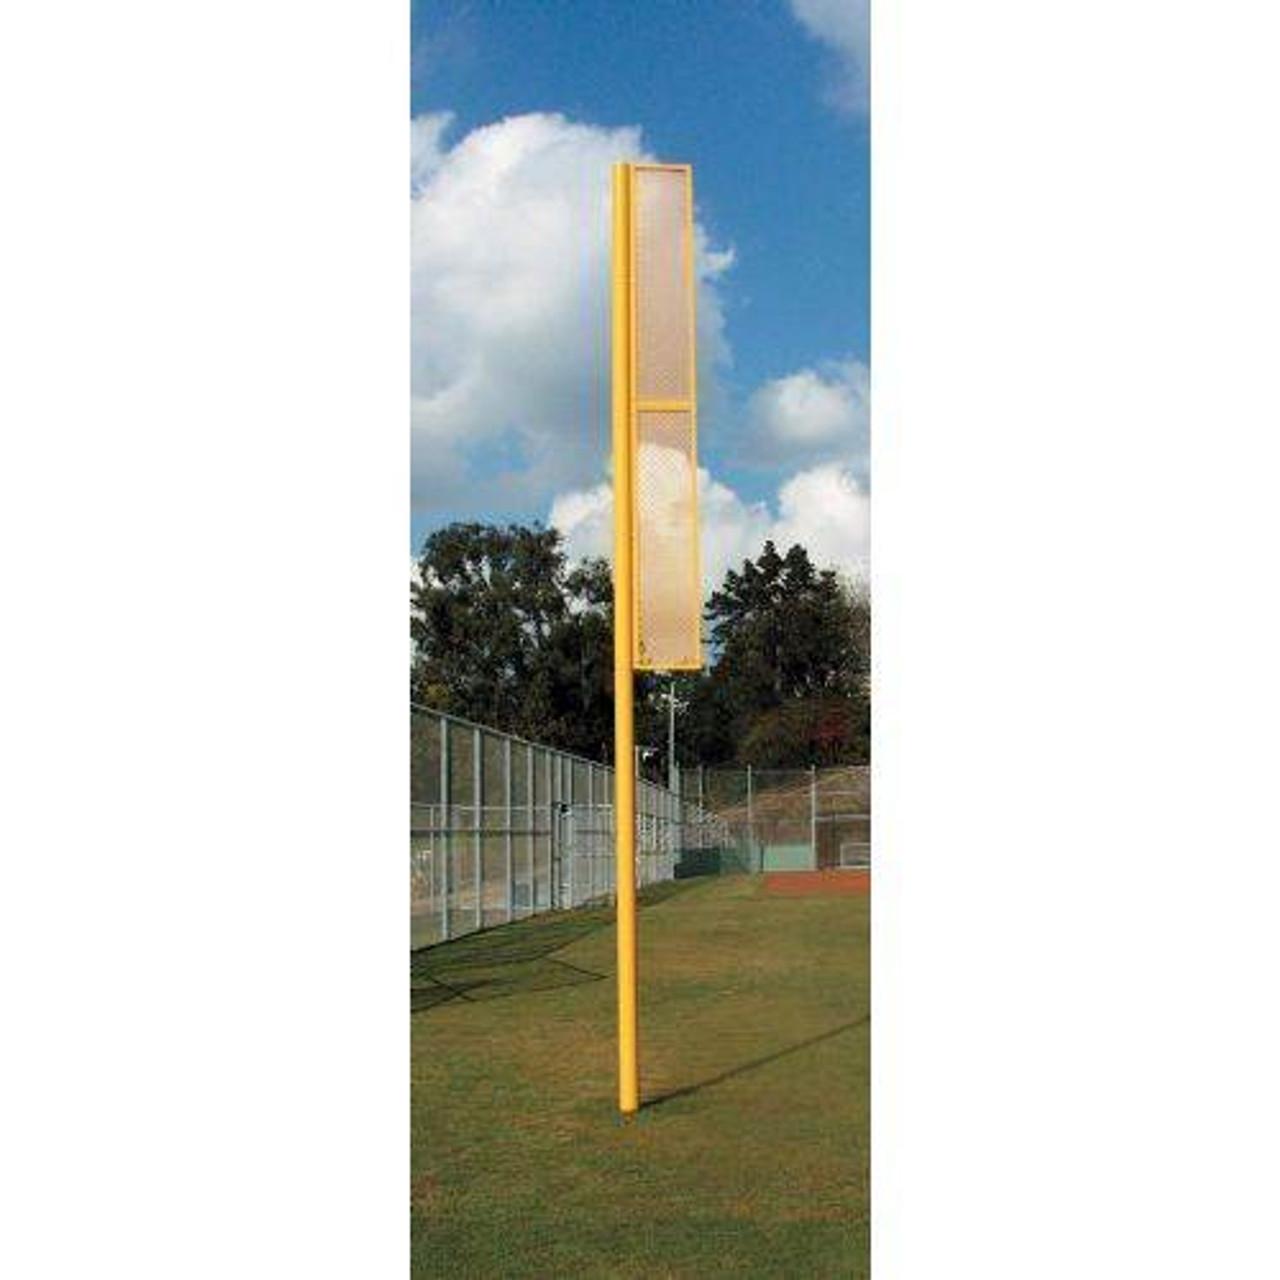 Professional 20' Foul Pole